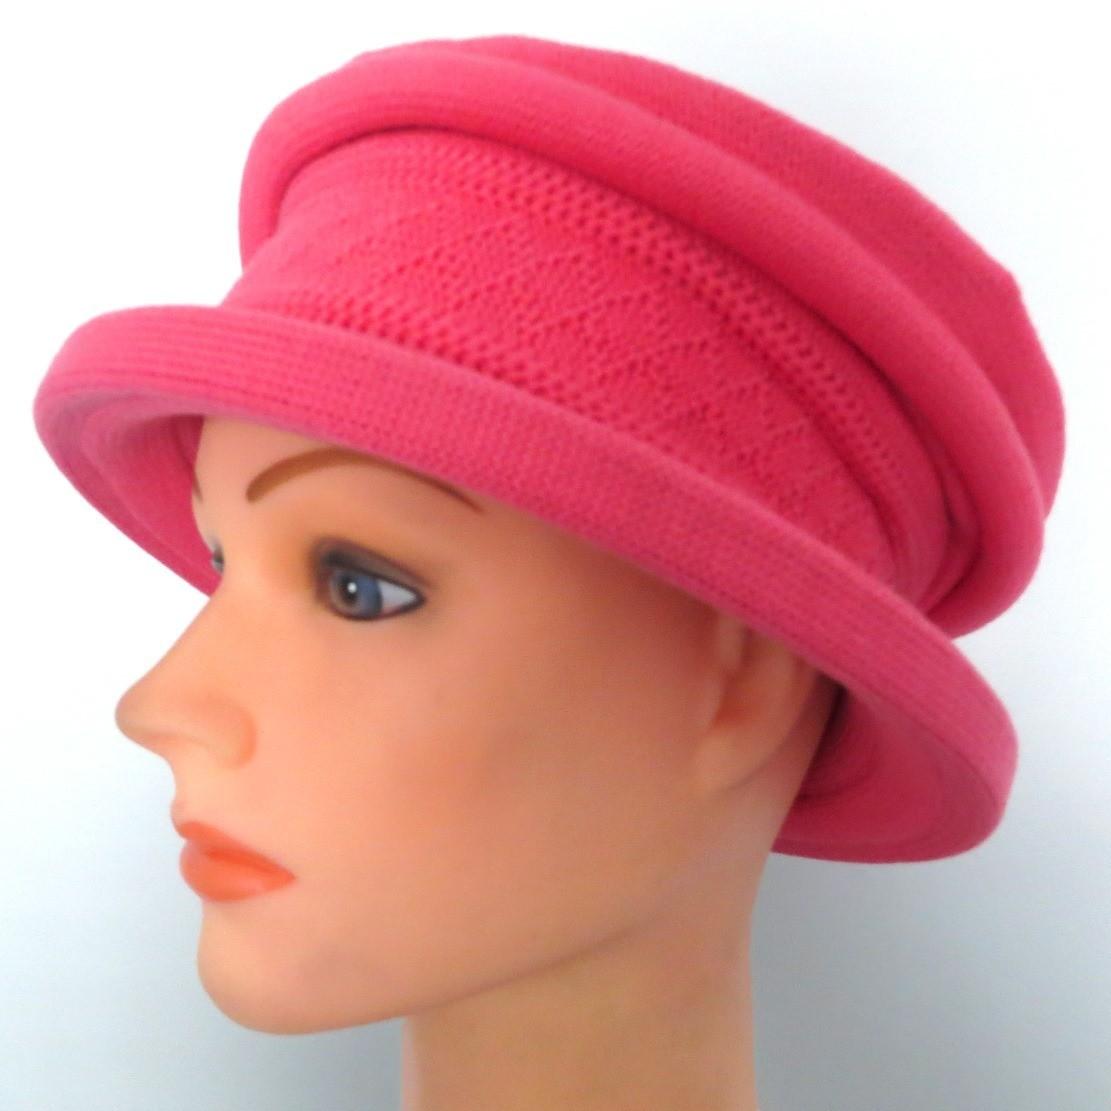 Cotton beret hat hot pink